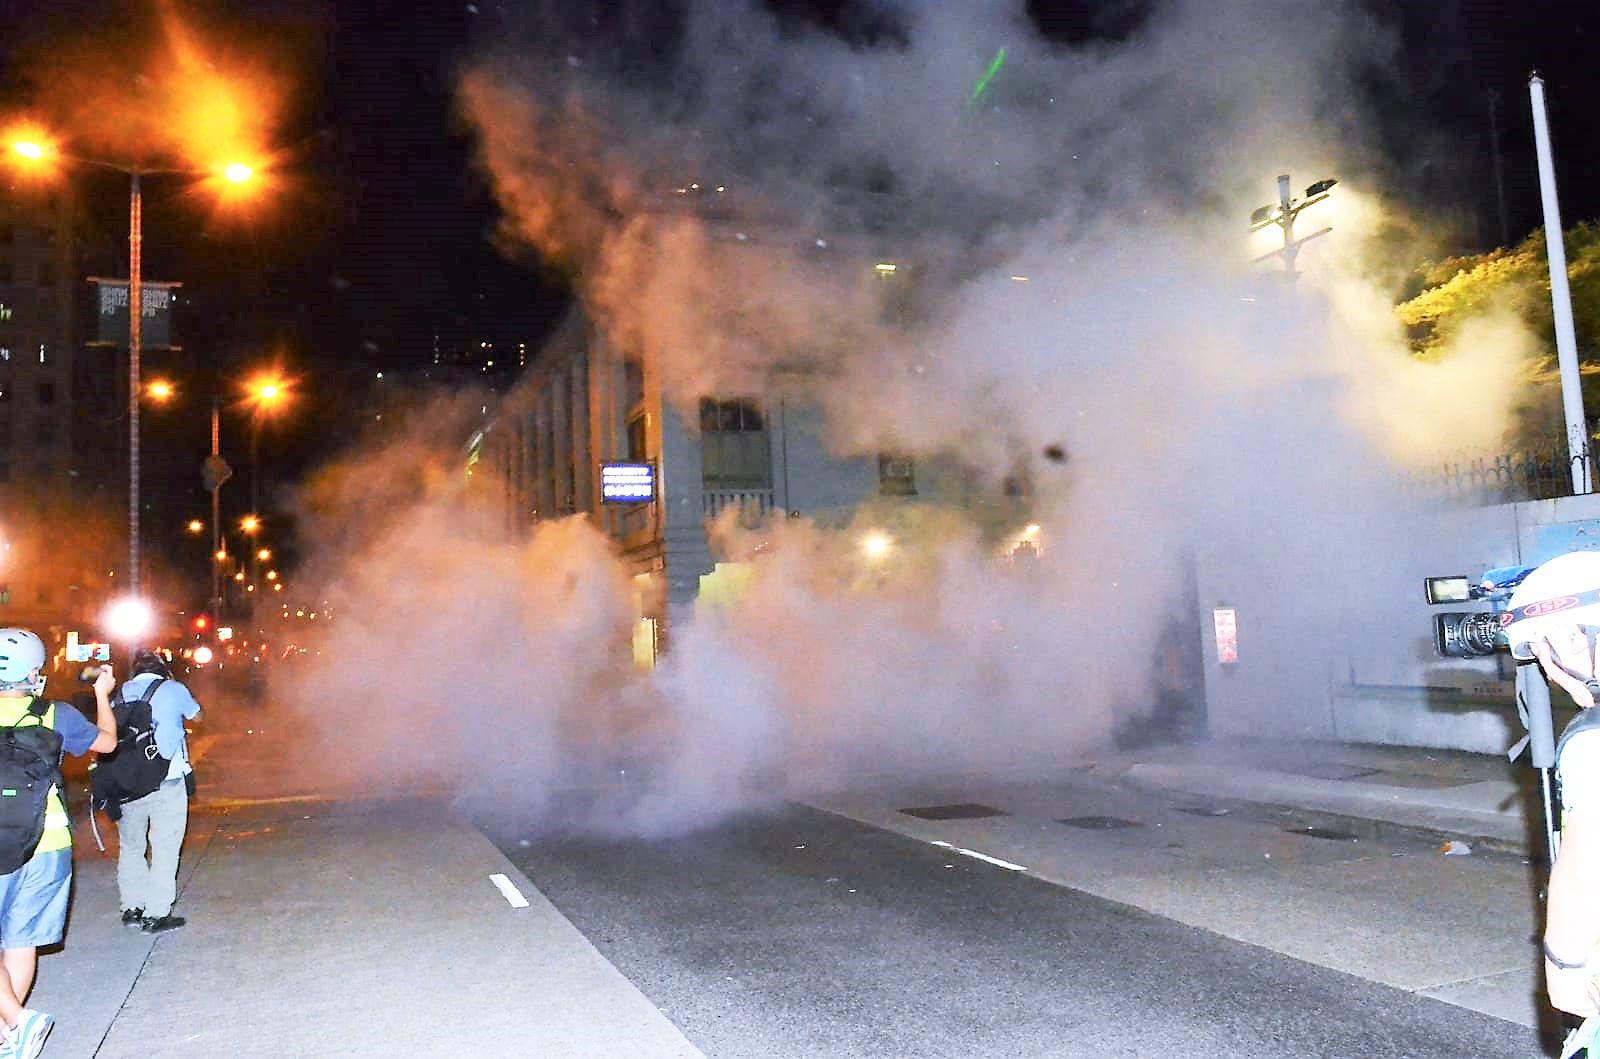 深水埗警署外警方20枚催淚彈驅散催淚彈。